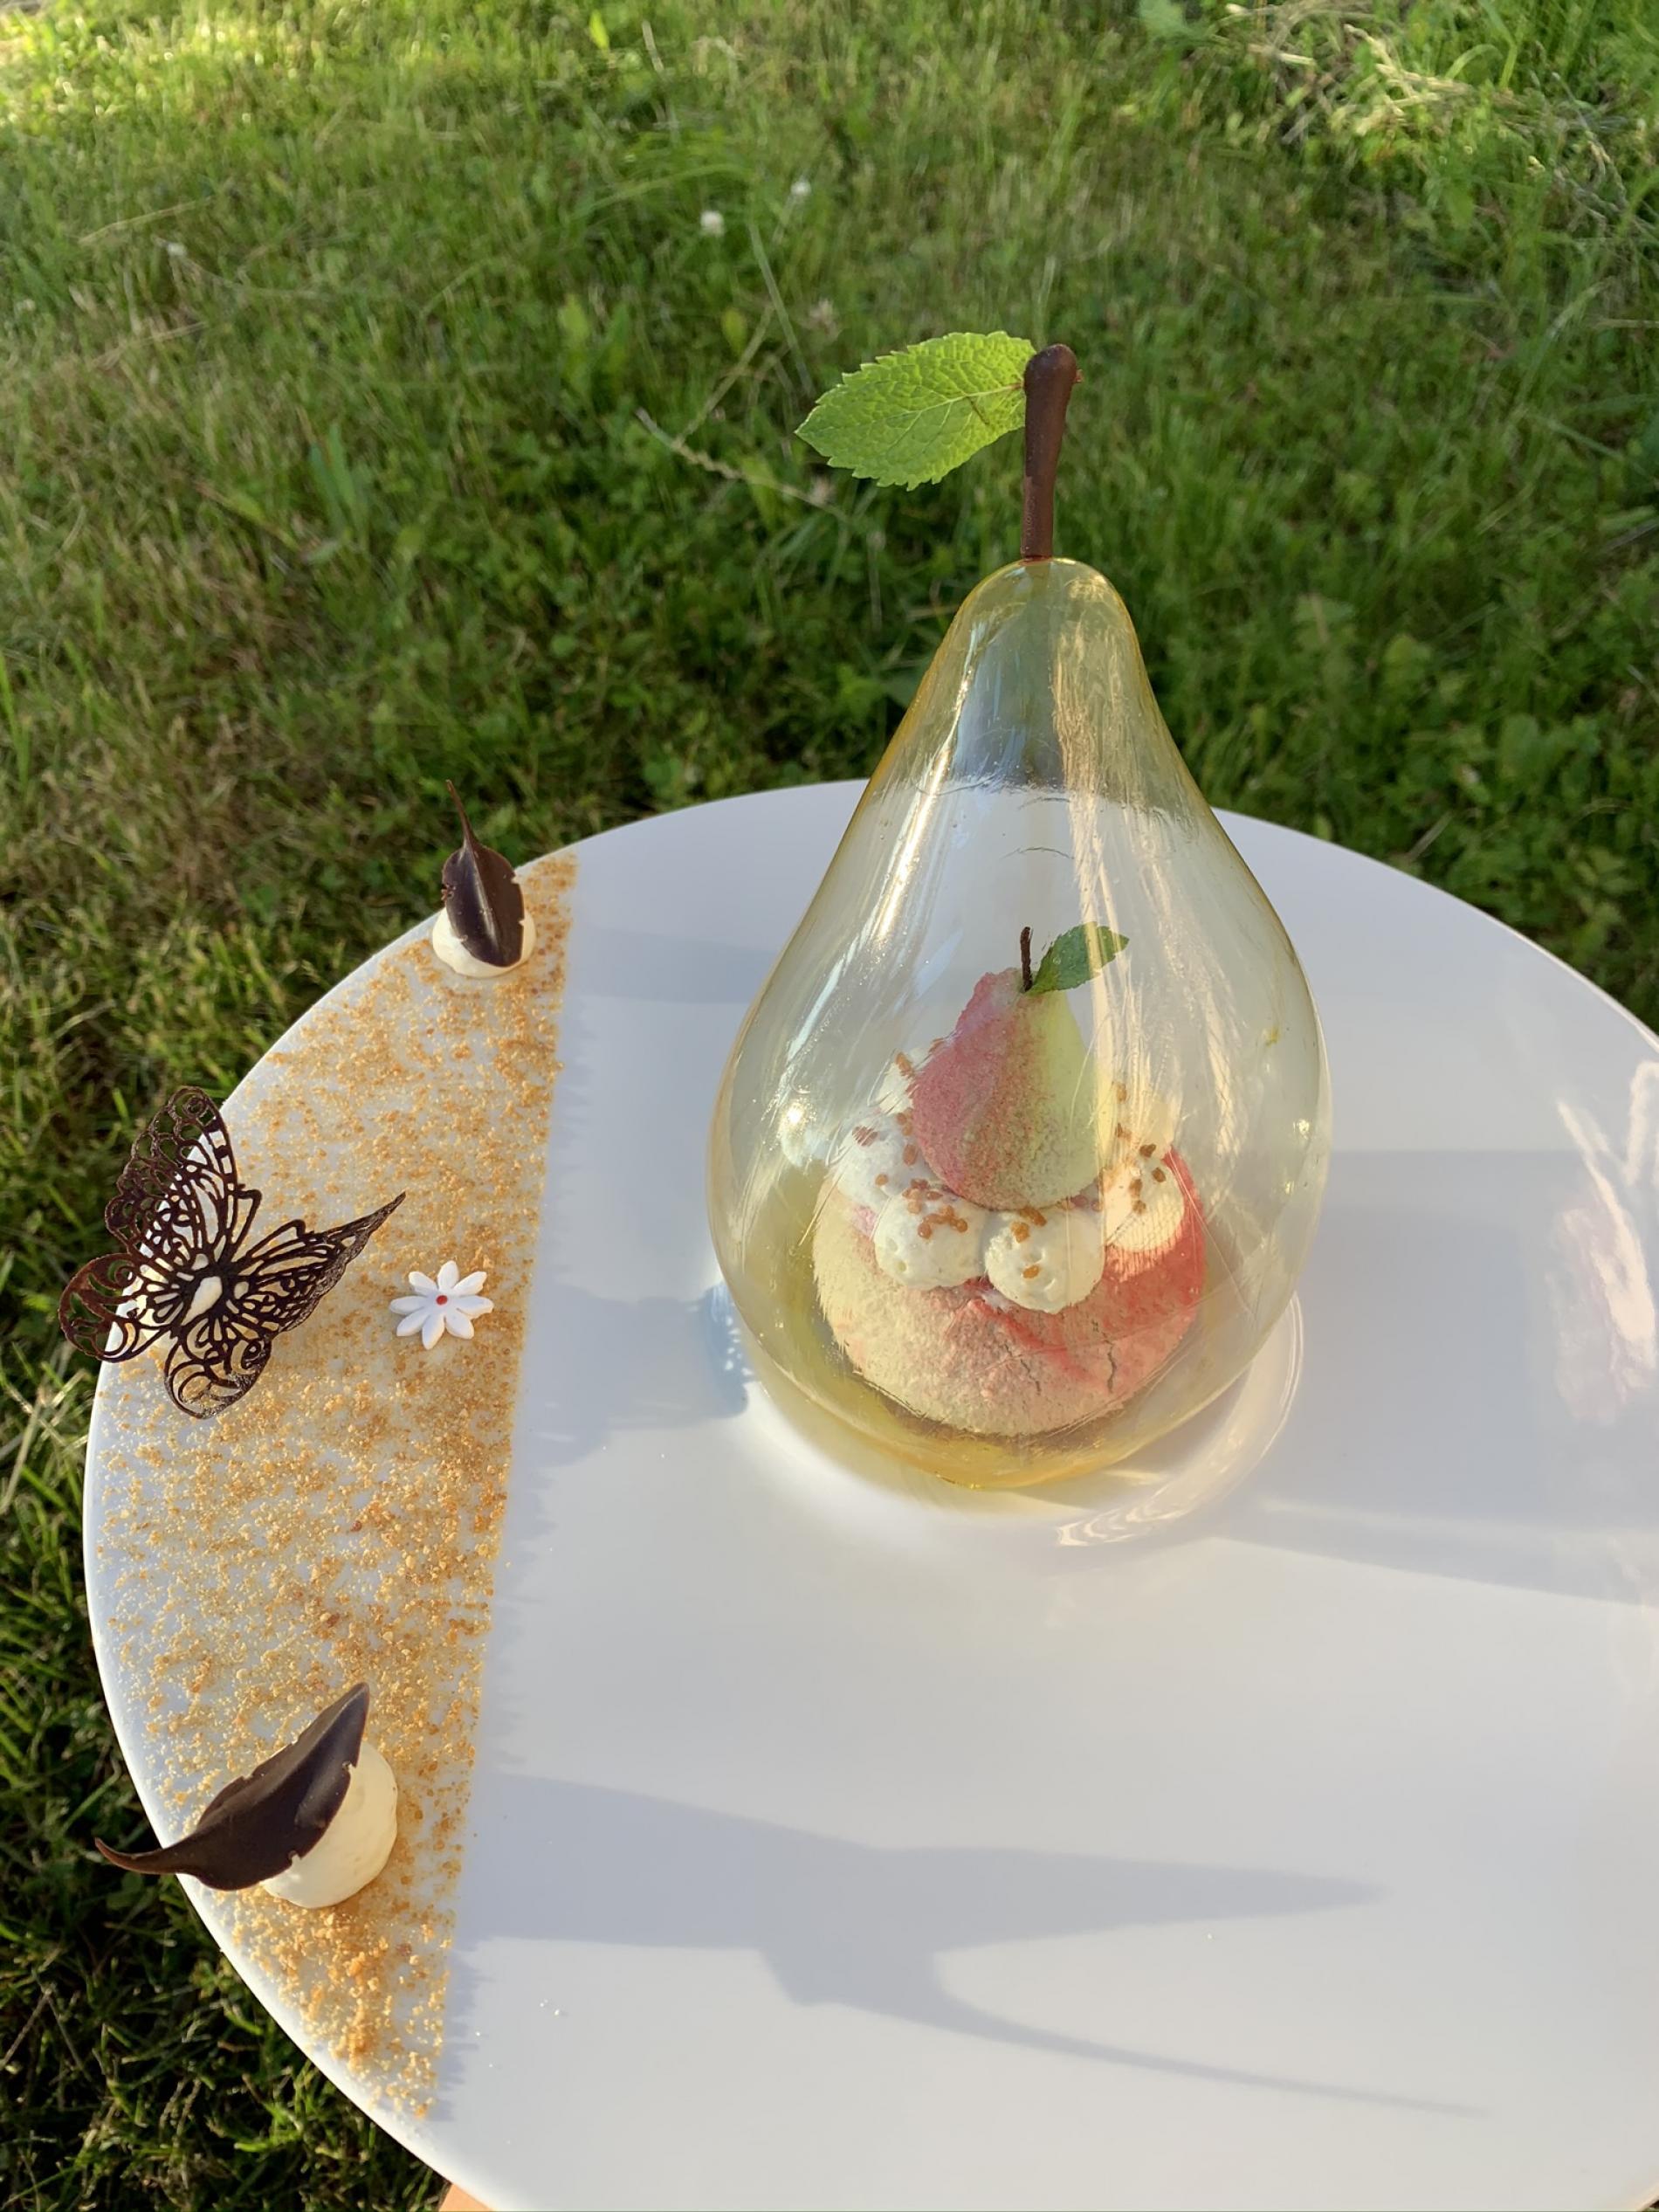 Dessert sans gluten Poire / chocolat au lait et Carmel dans une bulle en sucre soufflé